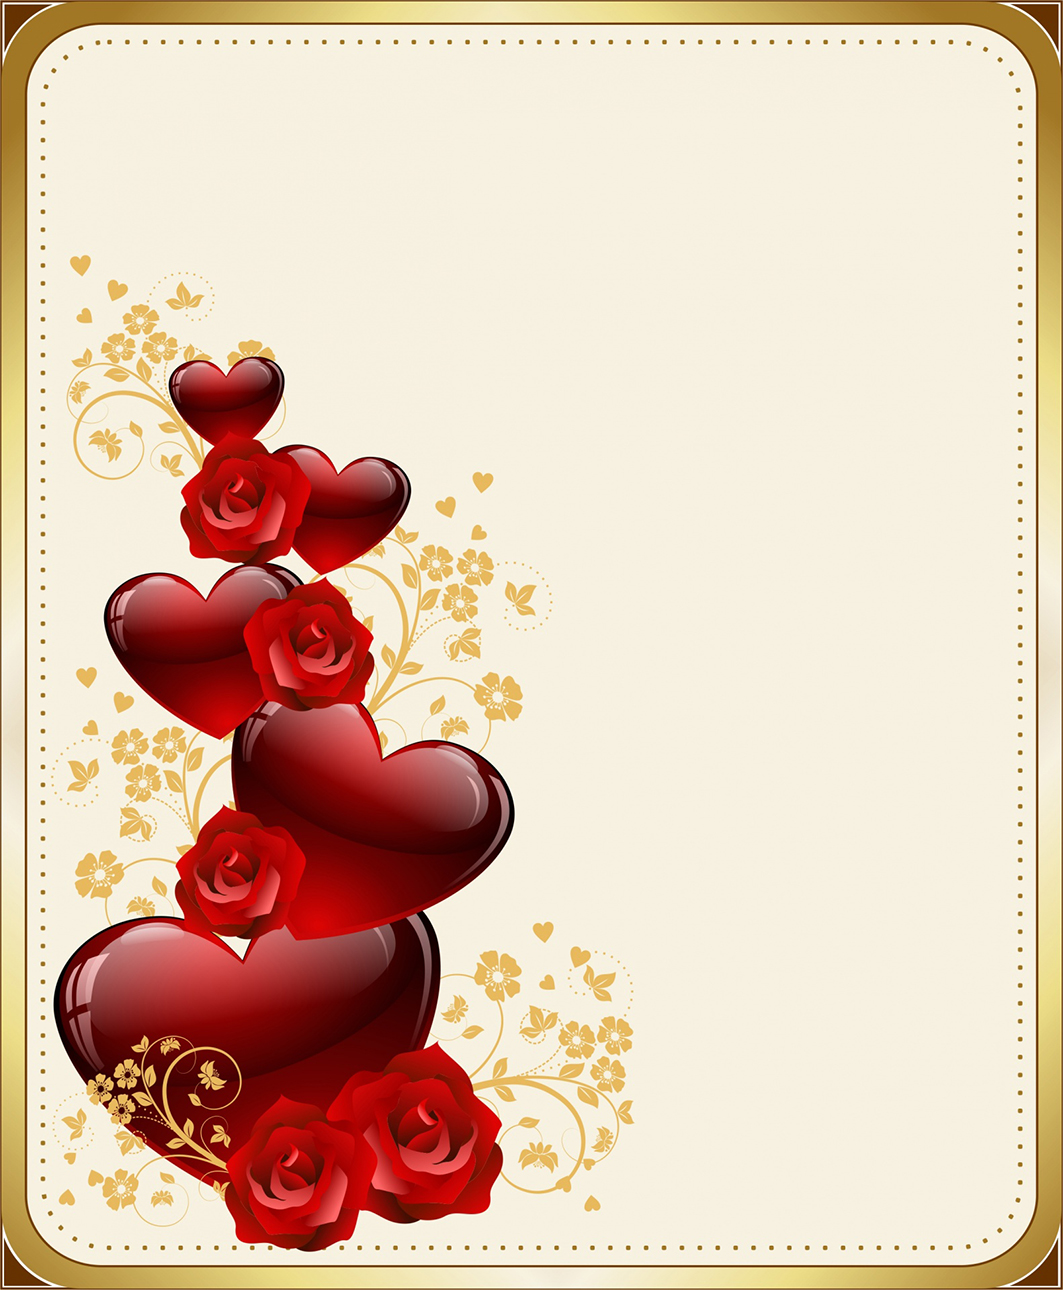 Happy Valentines Day frame